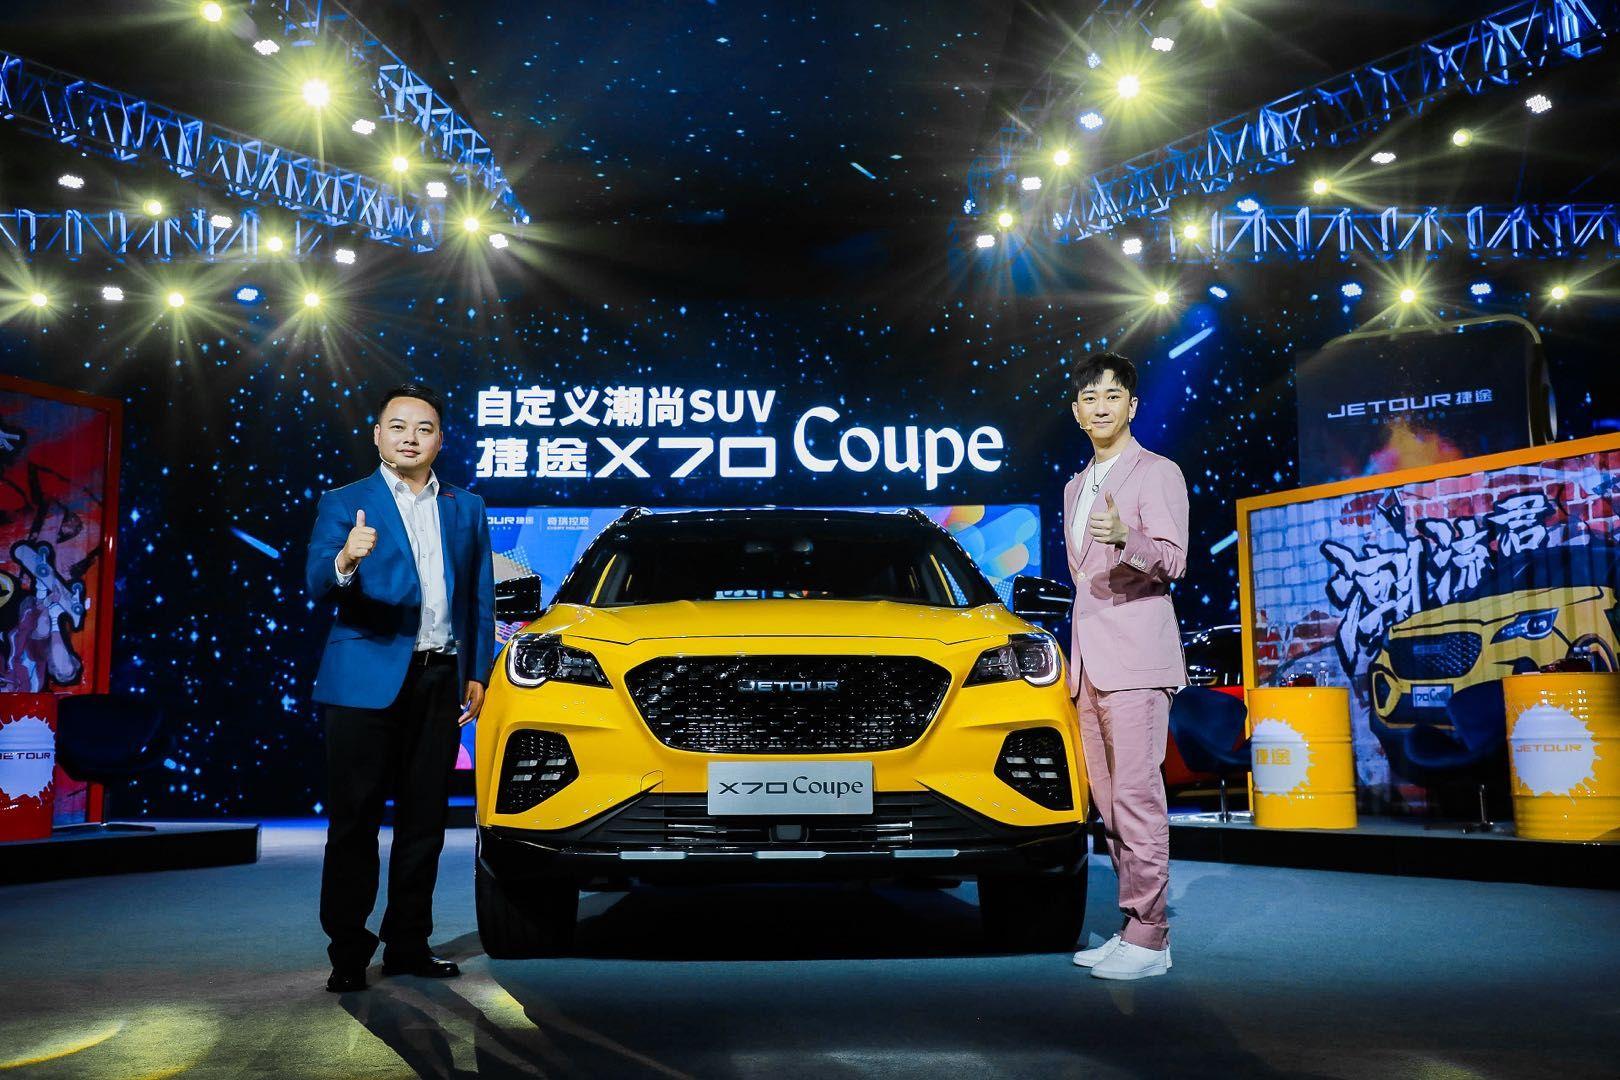 捷途X70 Coupe上市,10.99万元起售图片